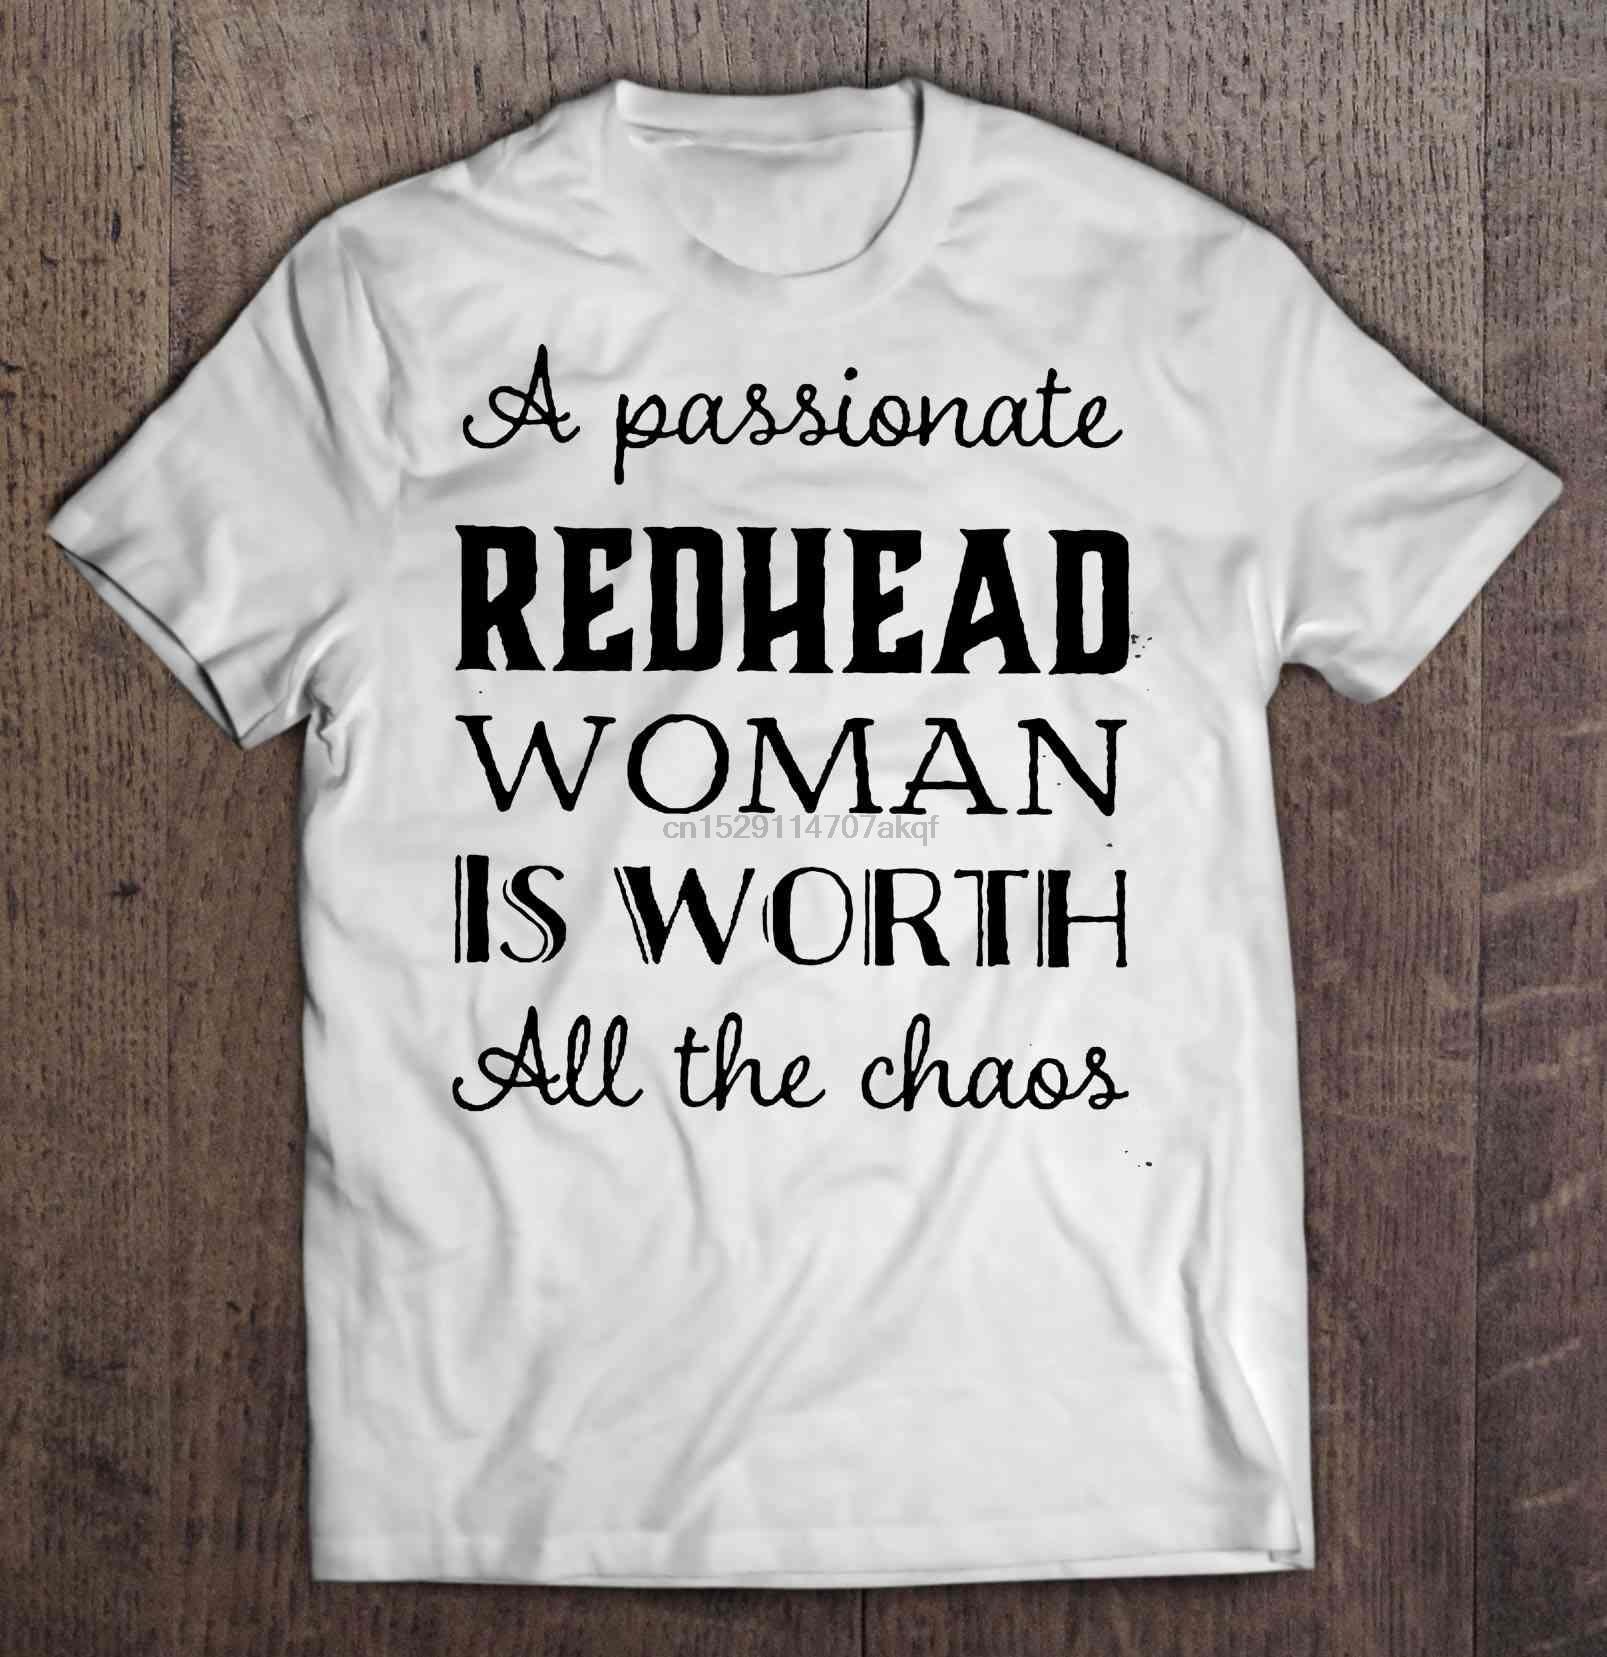 Camiseta divertida para hombre, camiseta A la moda, camiseta de mujer con una cabeza roja apasionada que vale todo el caos para mujer